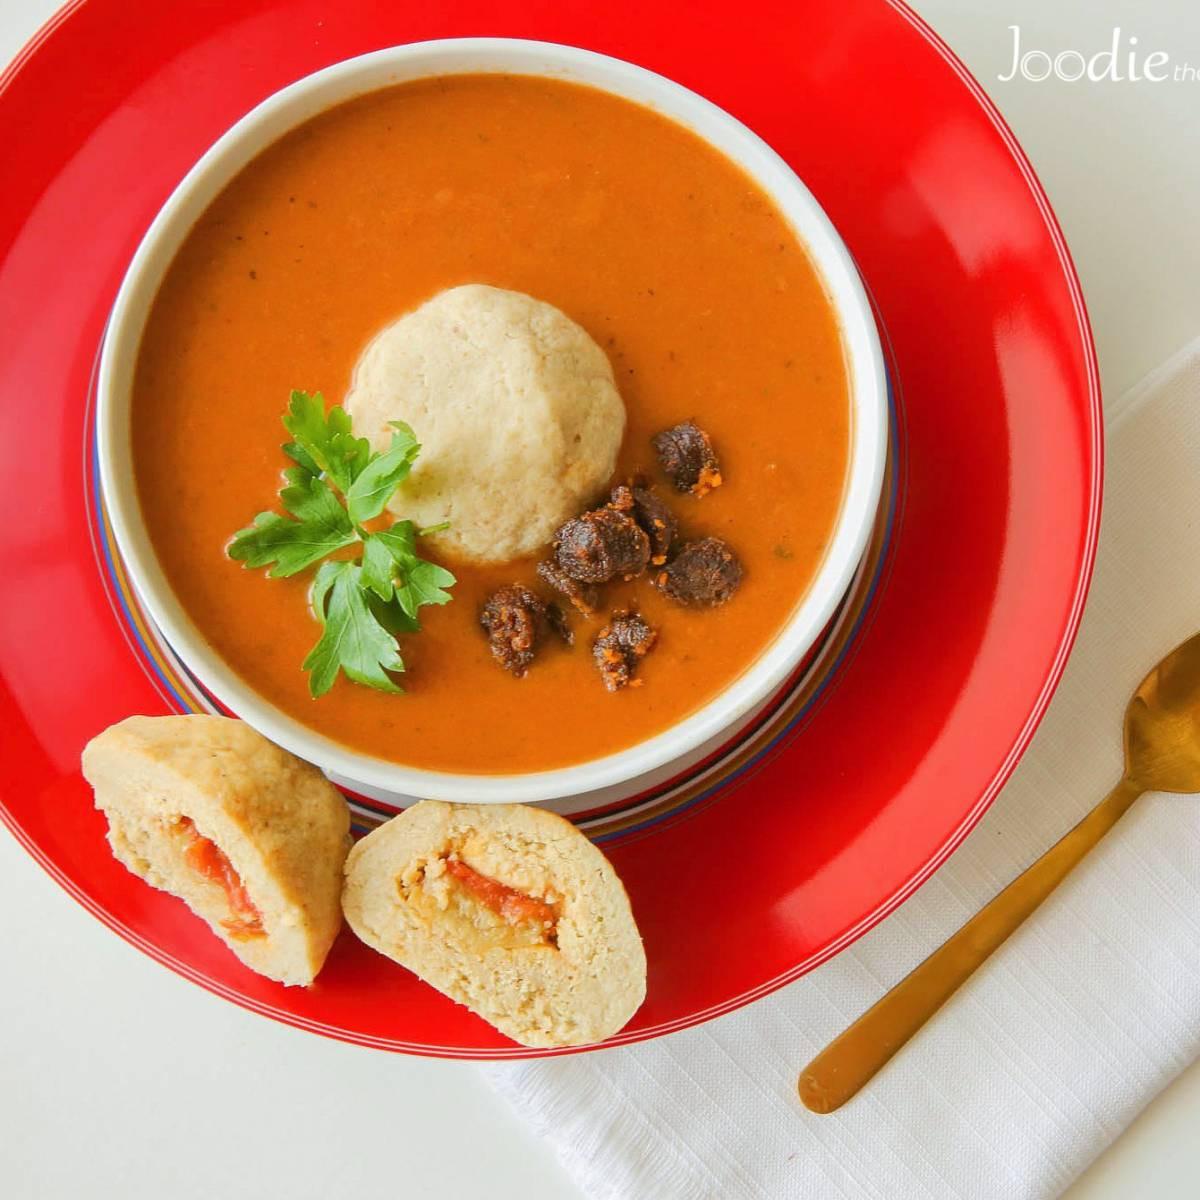 Tomato Soup From Tomato Paste  Tomato Soup with Tomato and Garlic Matzo Balls